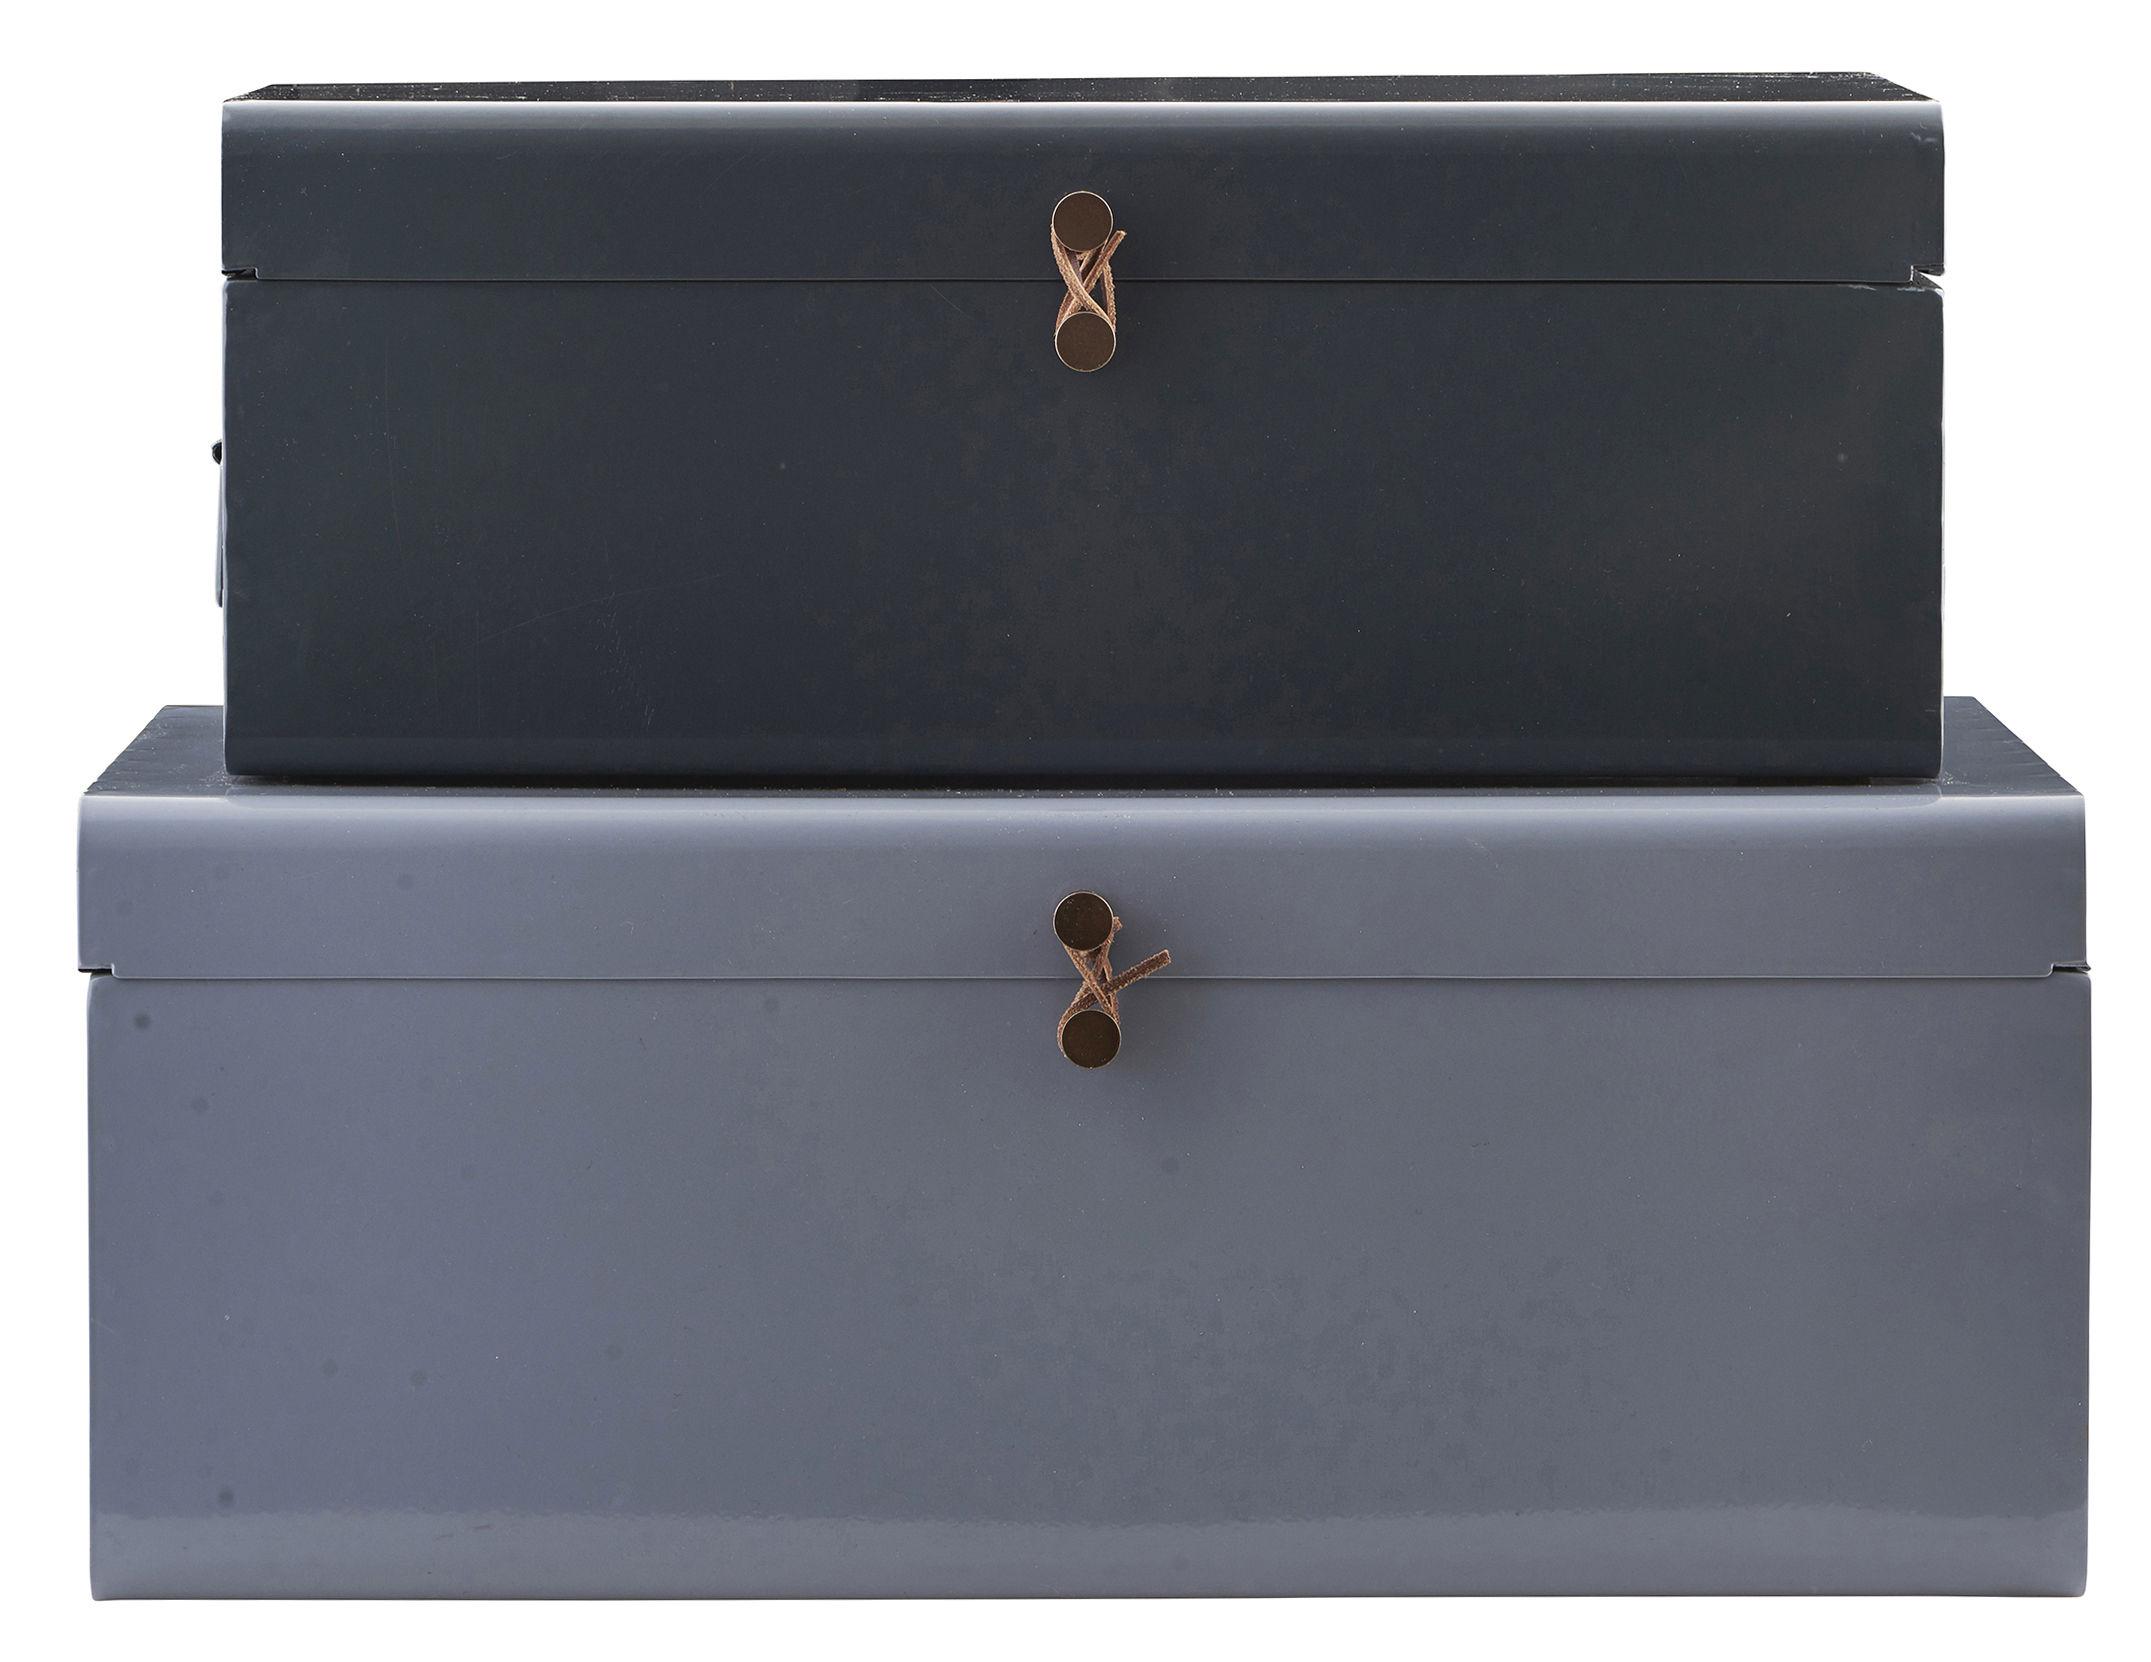 Déco - Pour les enfants - Malle Metal / Set de 2 - 60 x 36 cm - House Doctor - Bleu foncé/ Bleu-gris - Cuir, Métal laqué